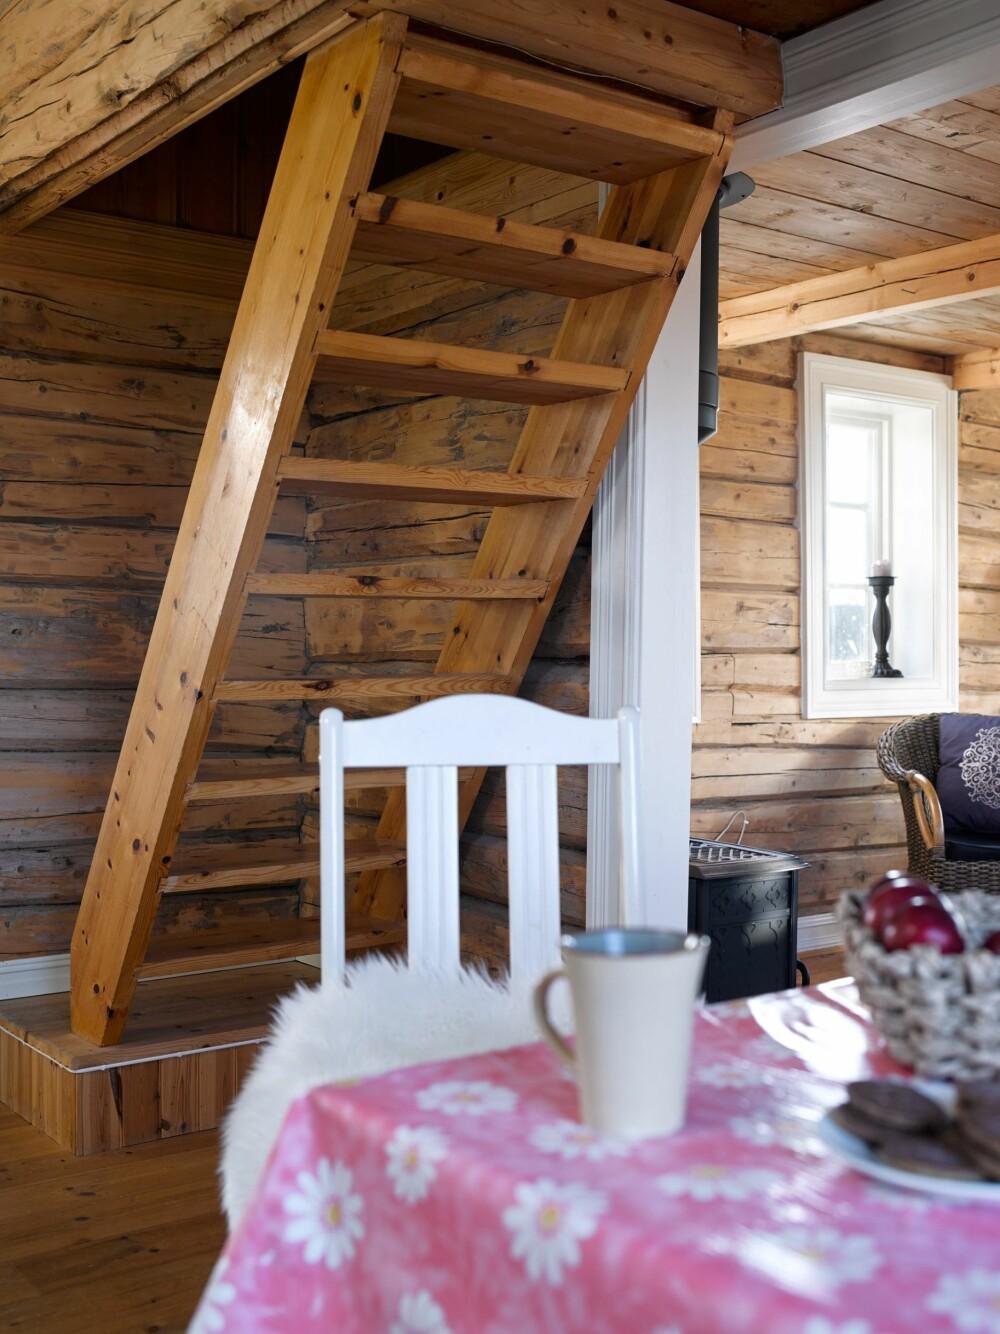 Plassbesparende: Stigen opp til hemsen tar minimalt med plass fra kjøkkenet og spisekroken. Foto: Per Erik Jæger